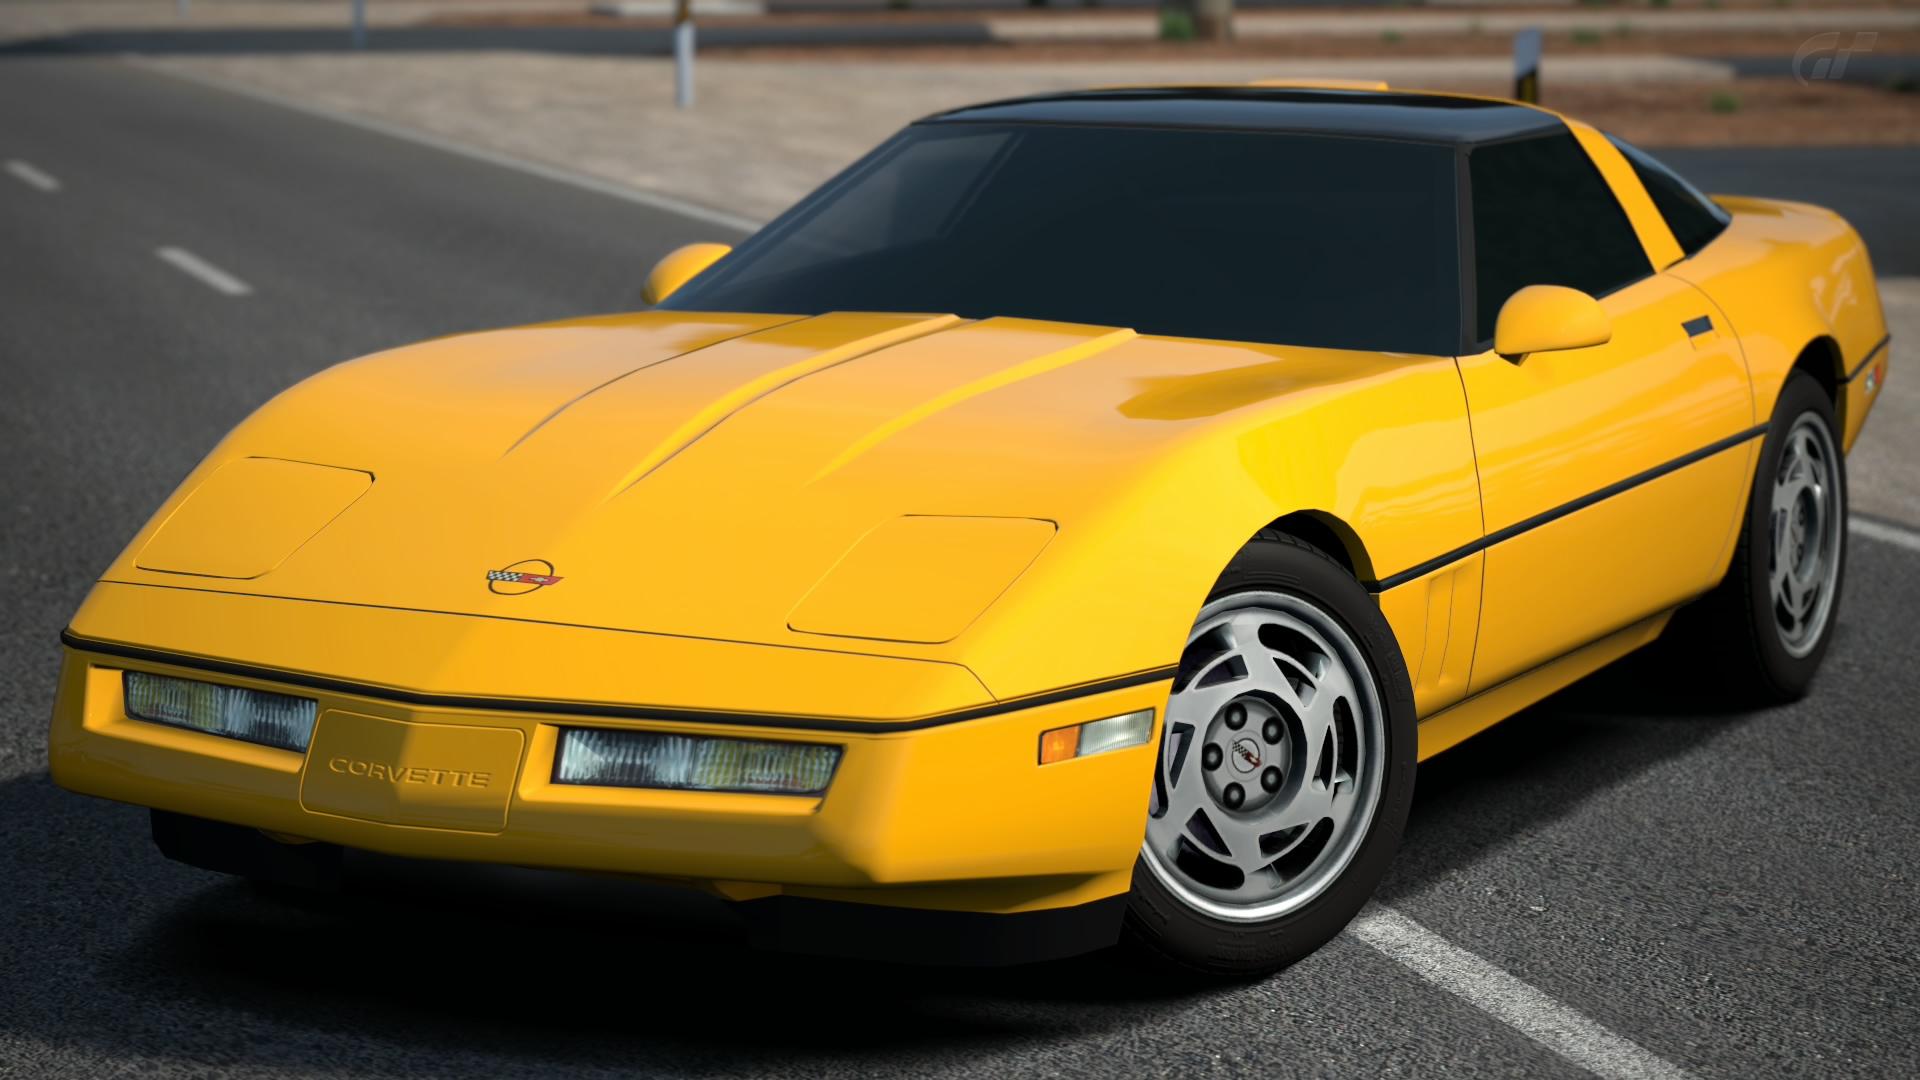 Chevrolet Corvette ZR-1 (C4) '90 | Gran Turismo Wiki | FANDOM